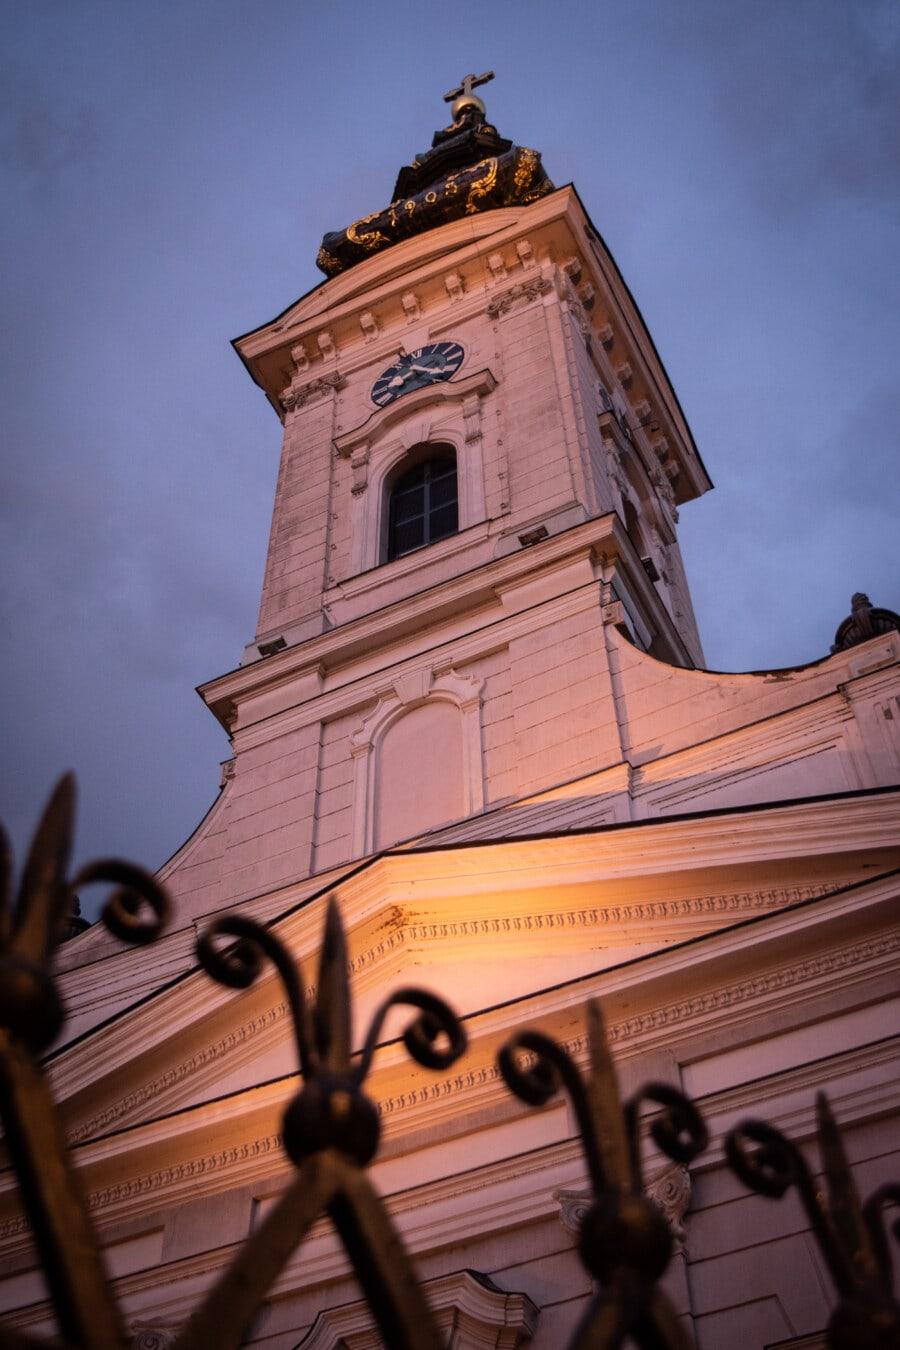 soirée, église, crépuscule, steeple, architecture, tour, bâtiment, religion, vieux, Ville